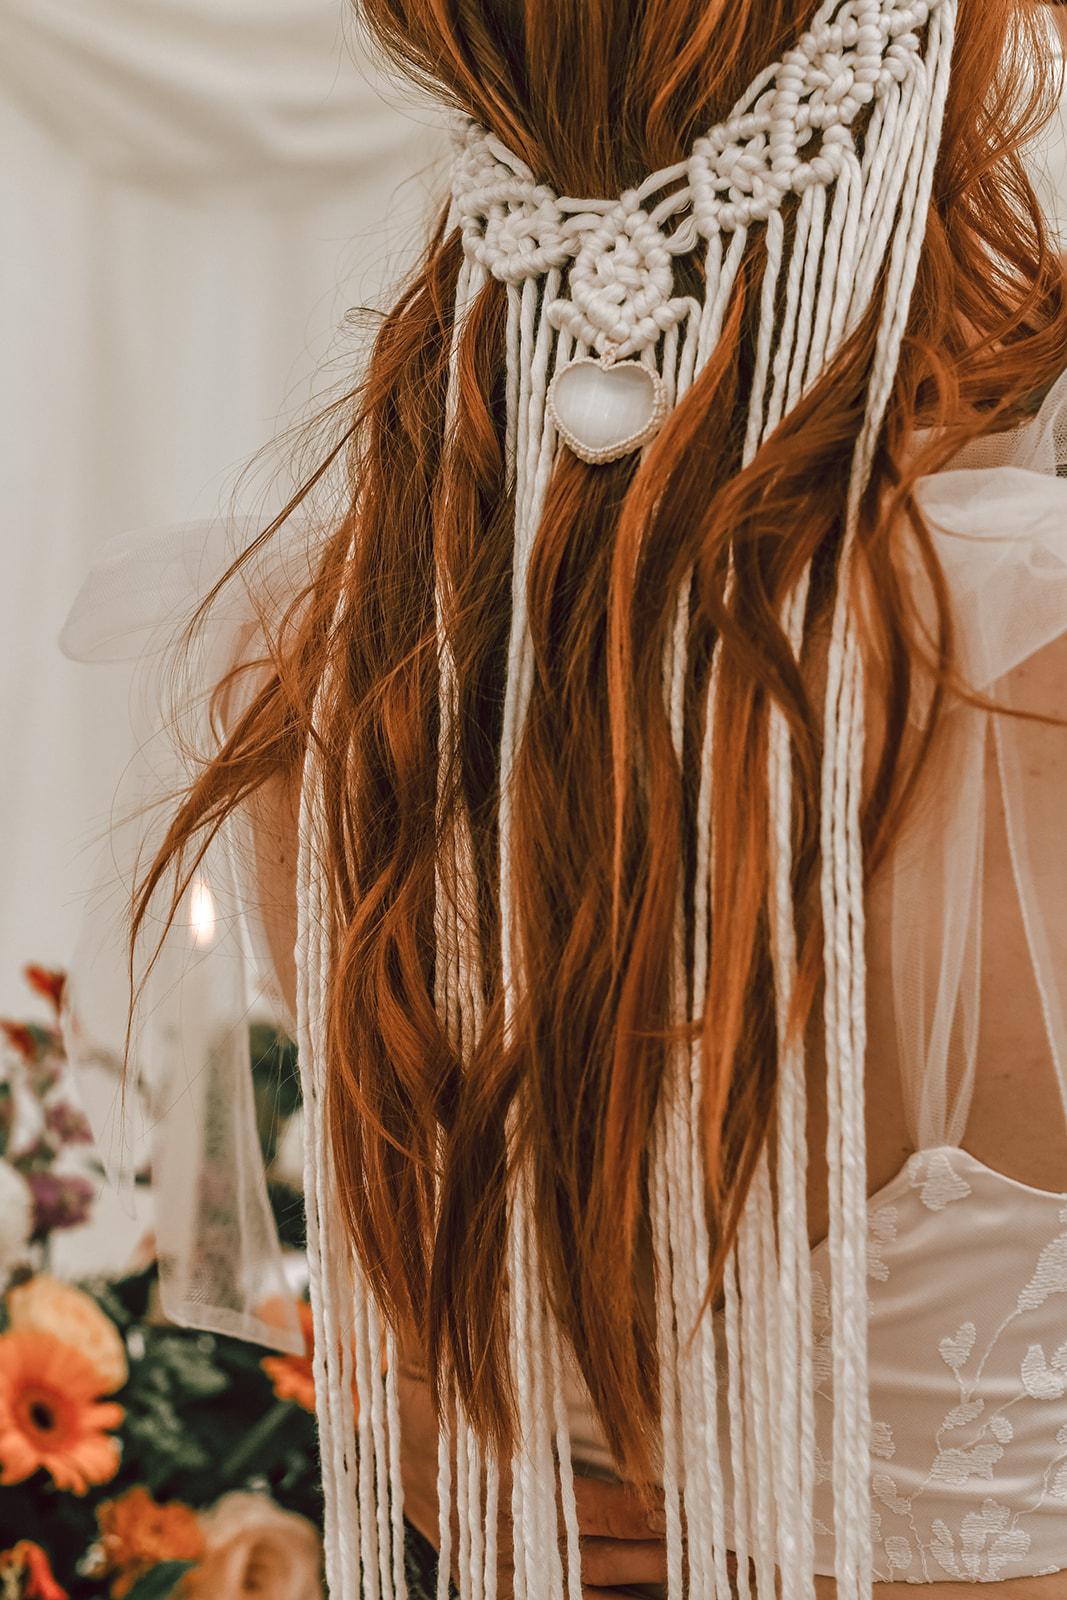 macrame headpiece - wedding macrame - unique wedding headpiece - unique bridal wear